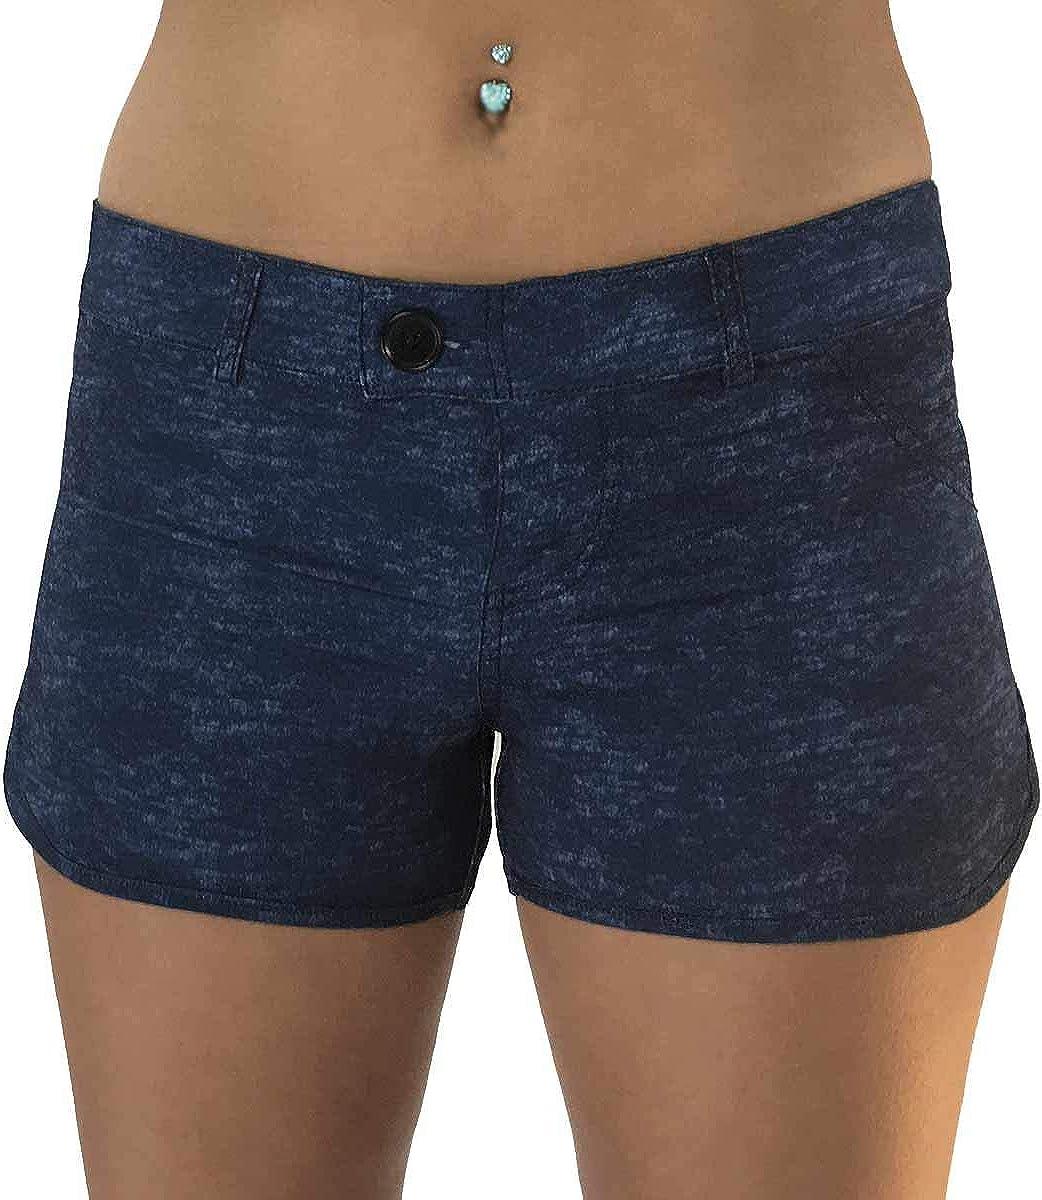 Dry Dudz Woman/'s Athletic Boardshorts Free Bikini Liner,Swim,Running